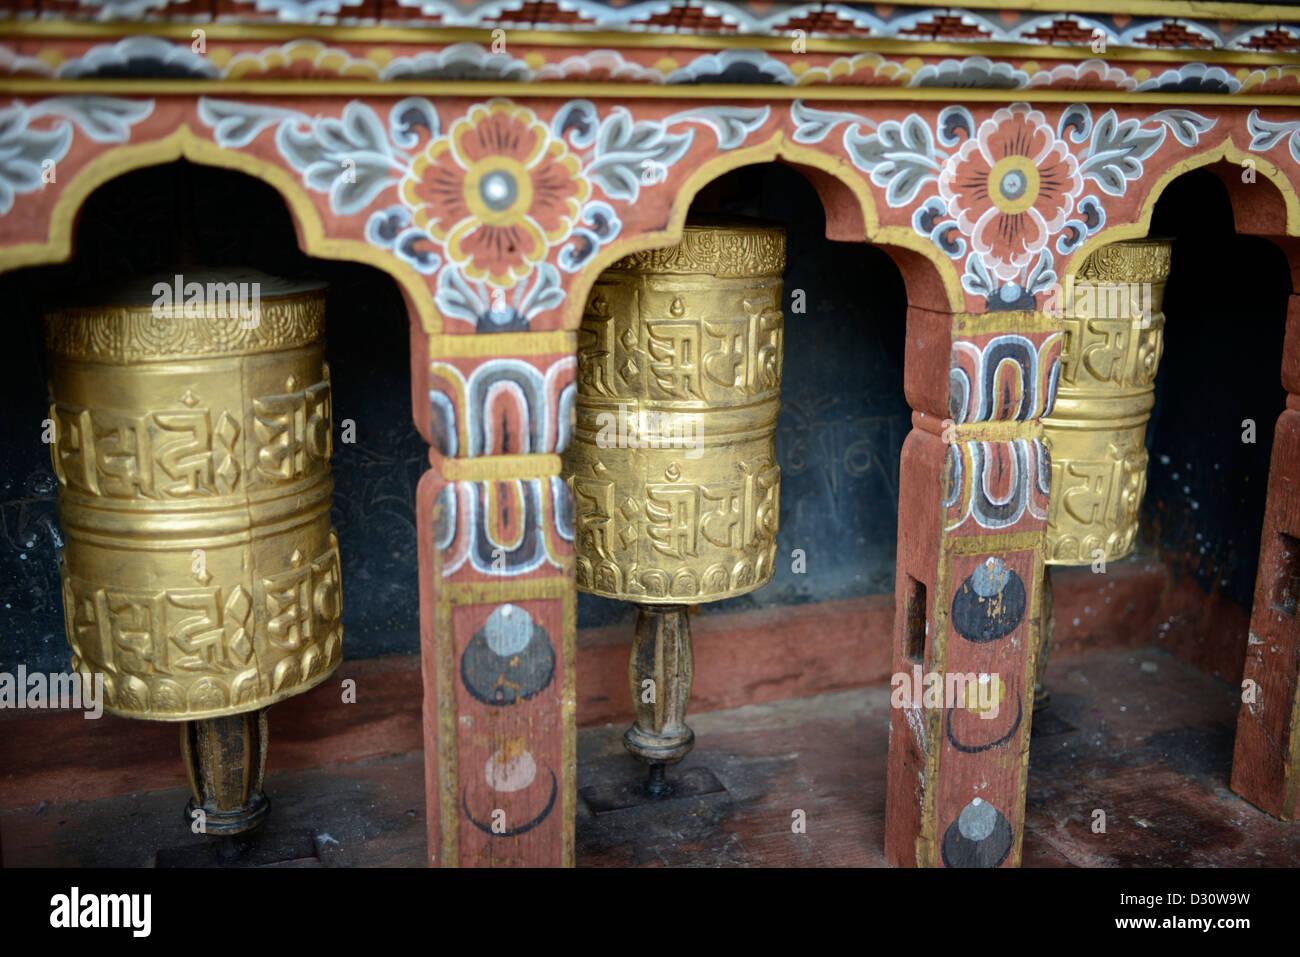 Roues de prière dans la cour à tashi chodzong dzong, forteresse de la glorieuse religion,Bhoutan,36MPX Photo Stock